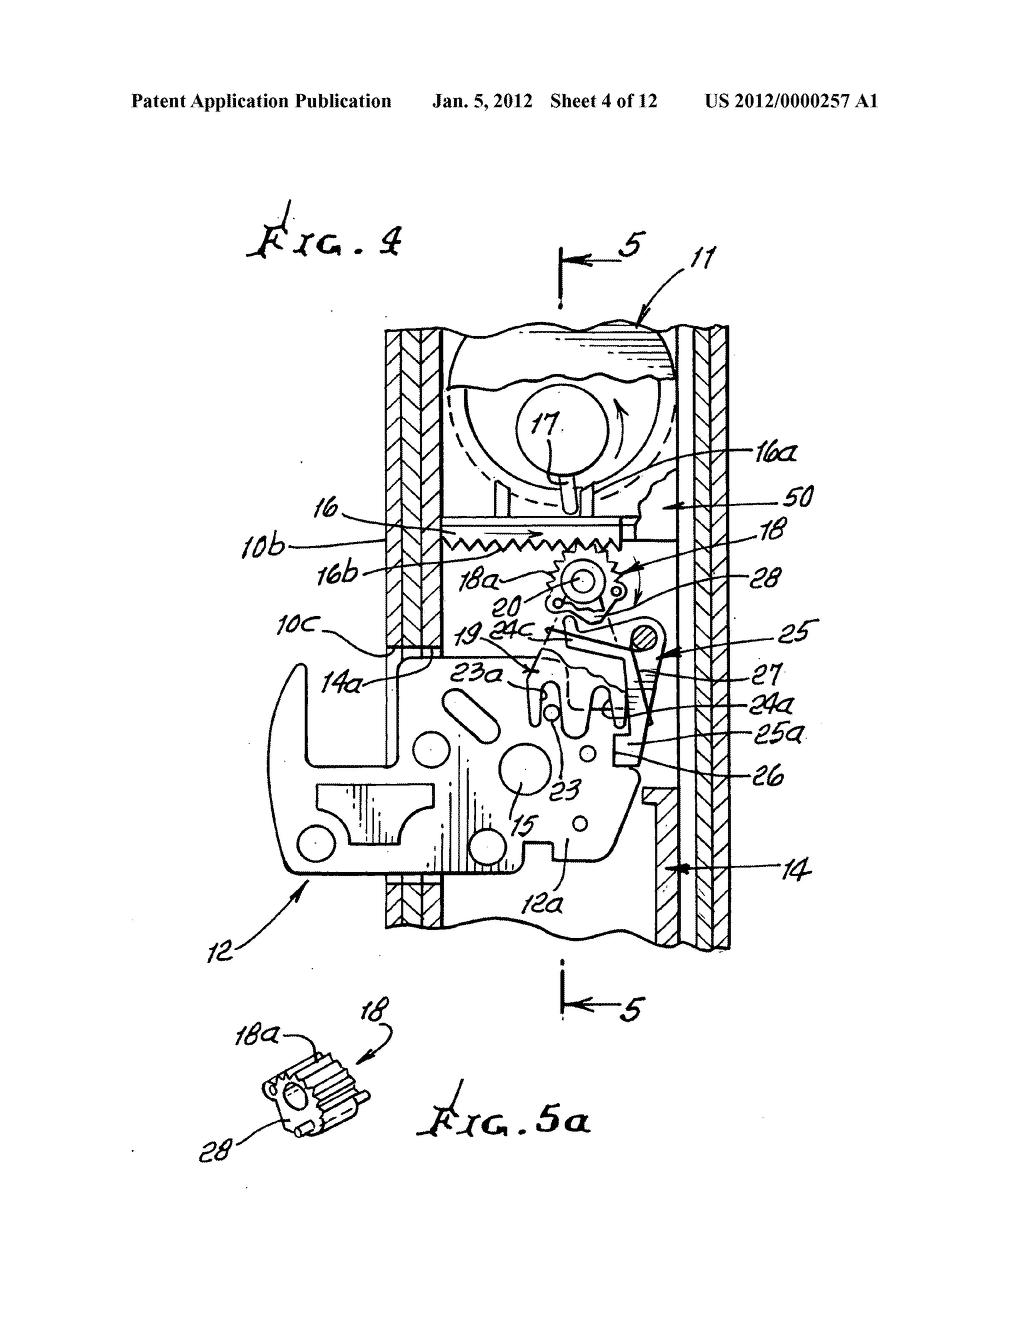 hight resolution of single and multi point door lock diagram schematic and image 05 door lock for 1999 acura tl door lock diagram